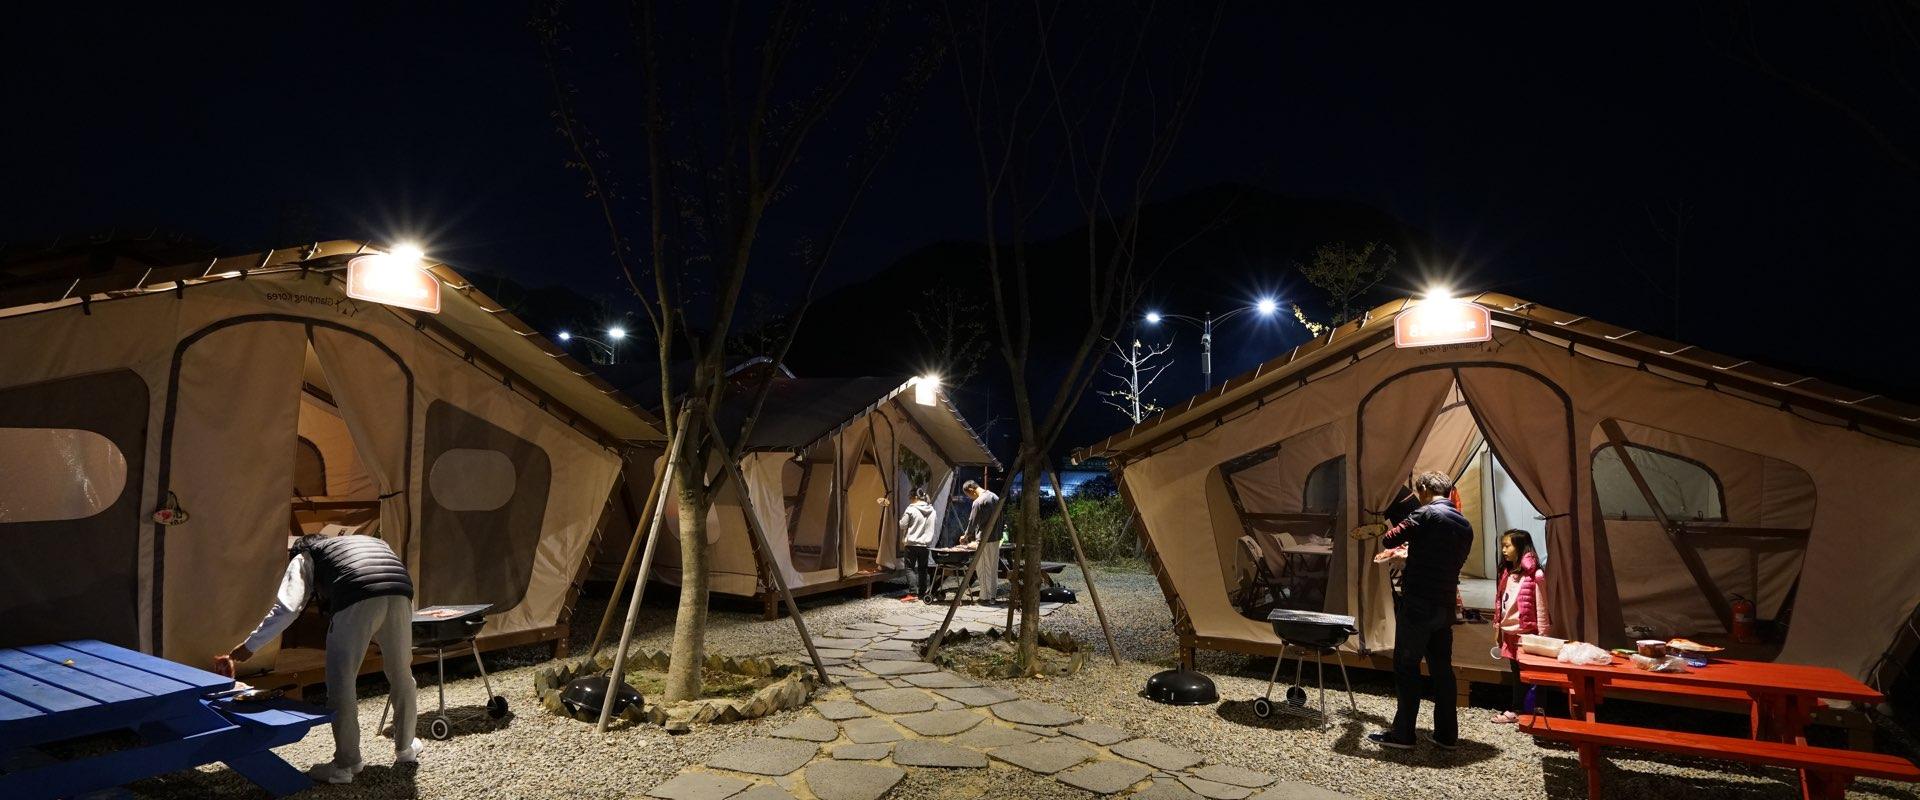 Campamento de lujo